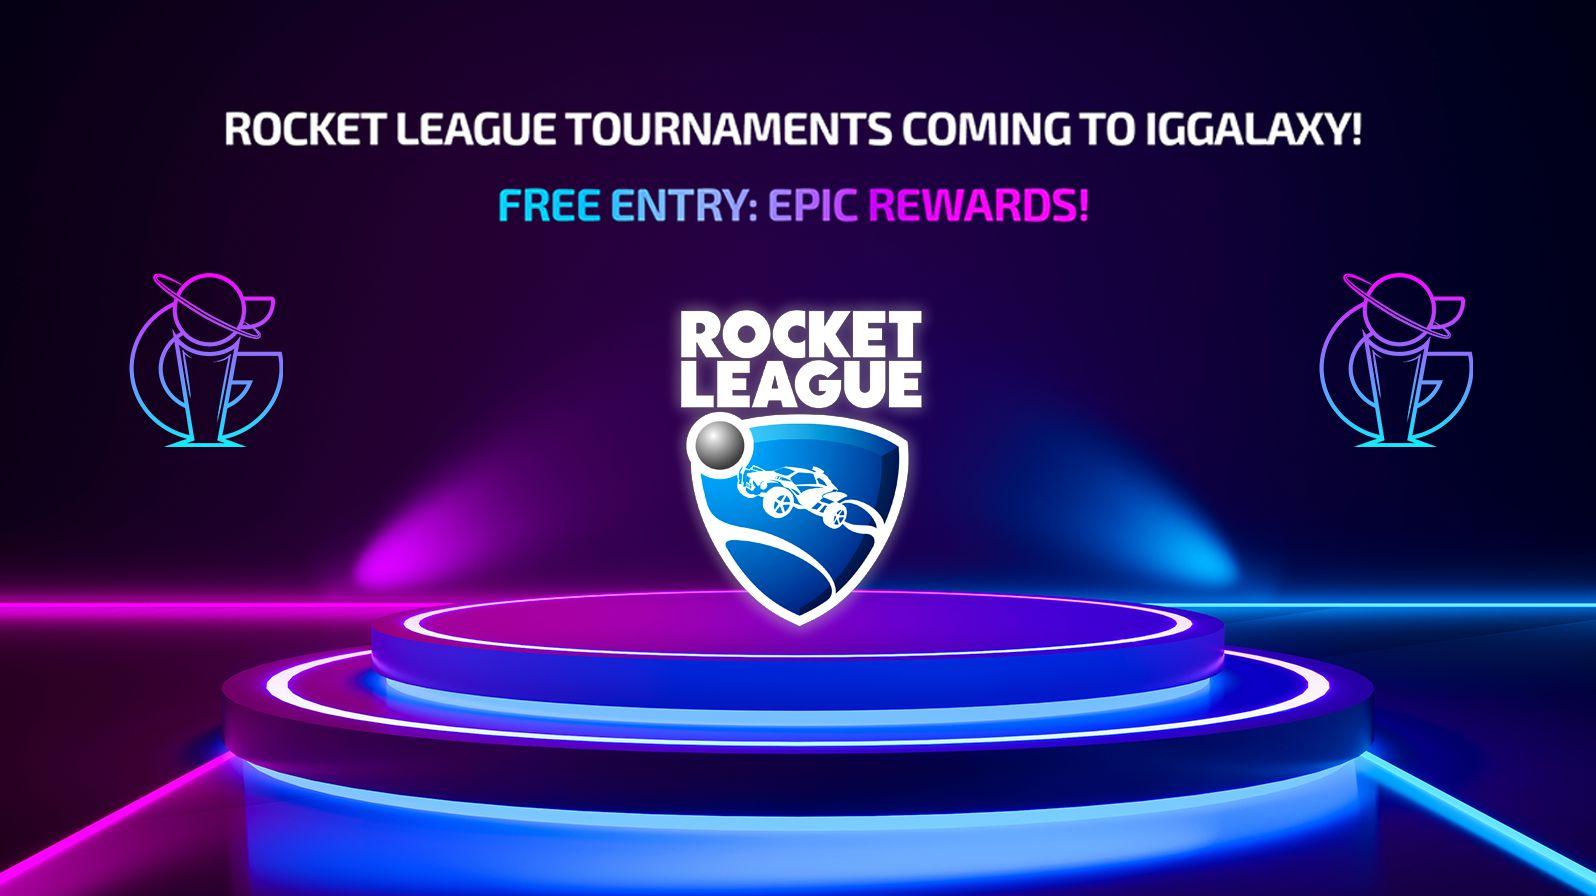 Rocket League coming to IGGalaxy soon!